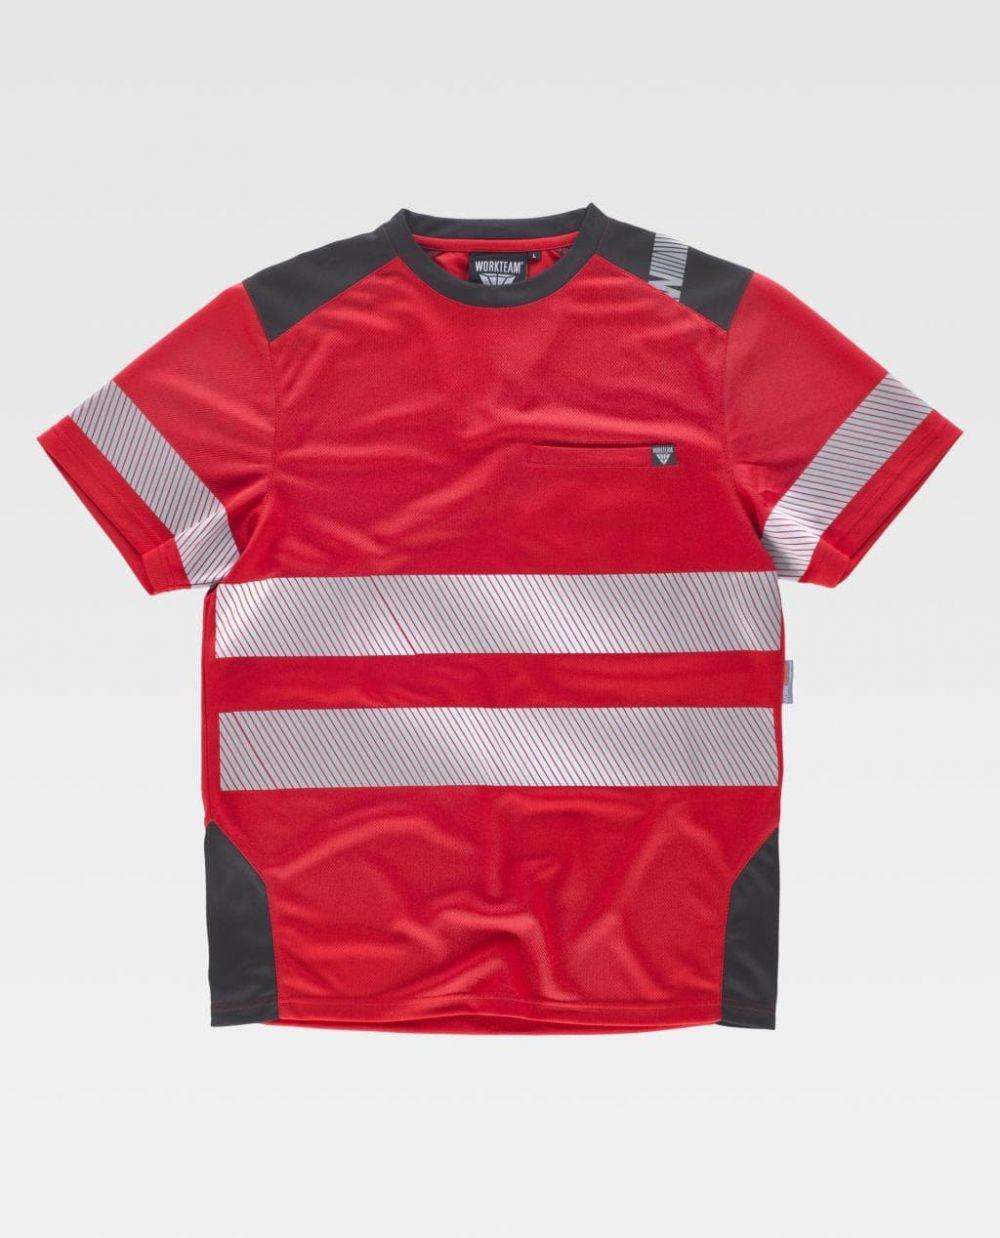 Camisetas reflectante workteam mc segmentadas de poliéster para personalizar vista 1